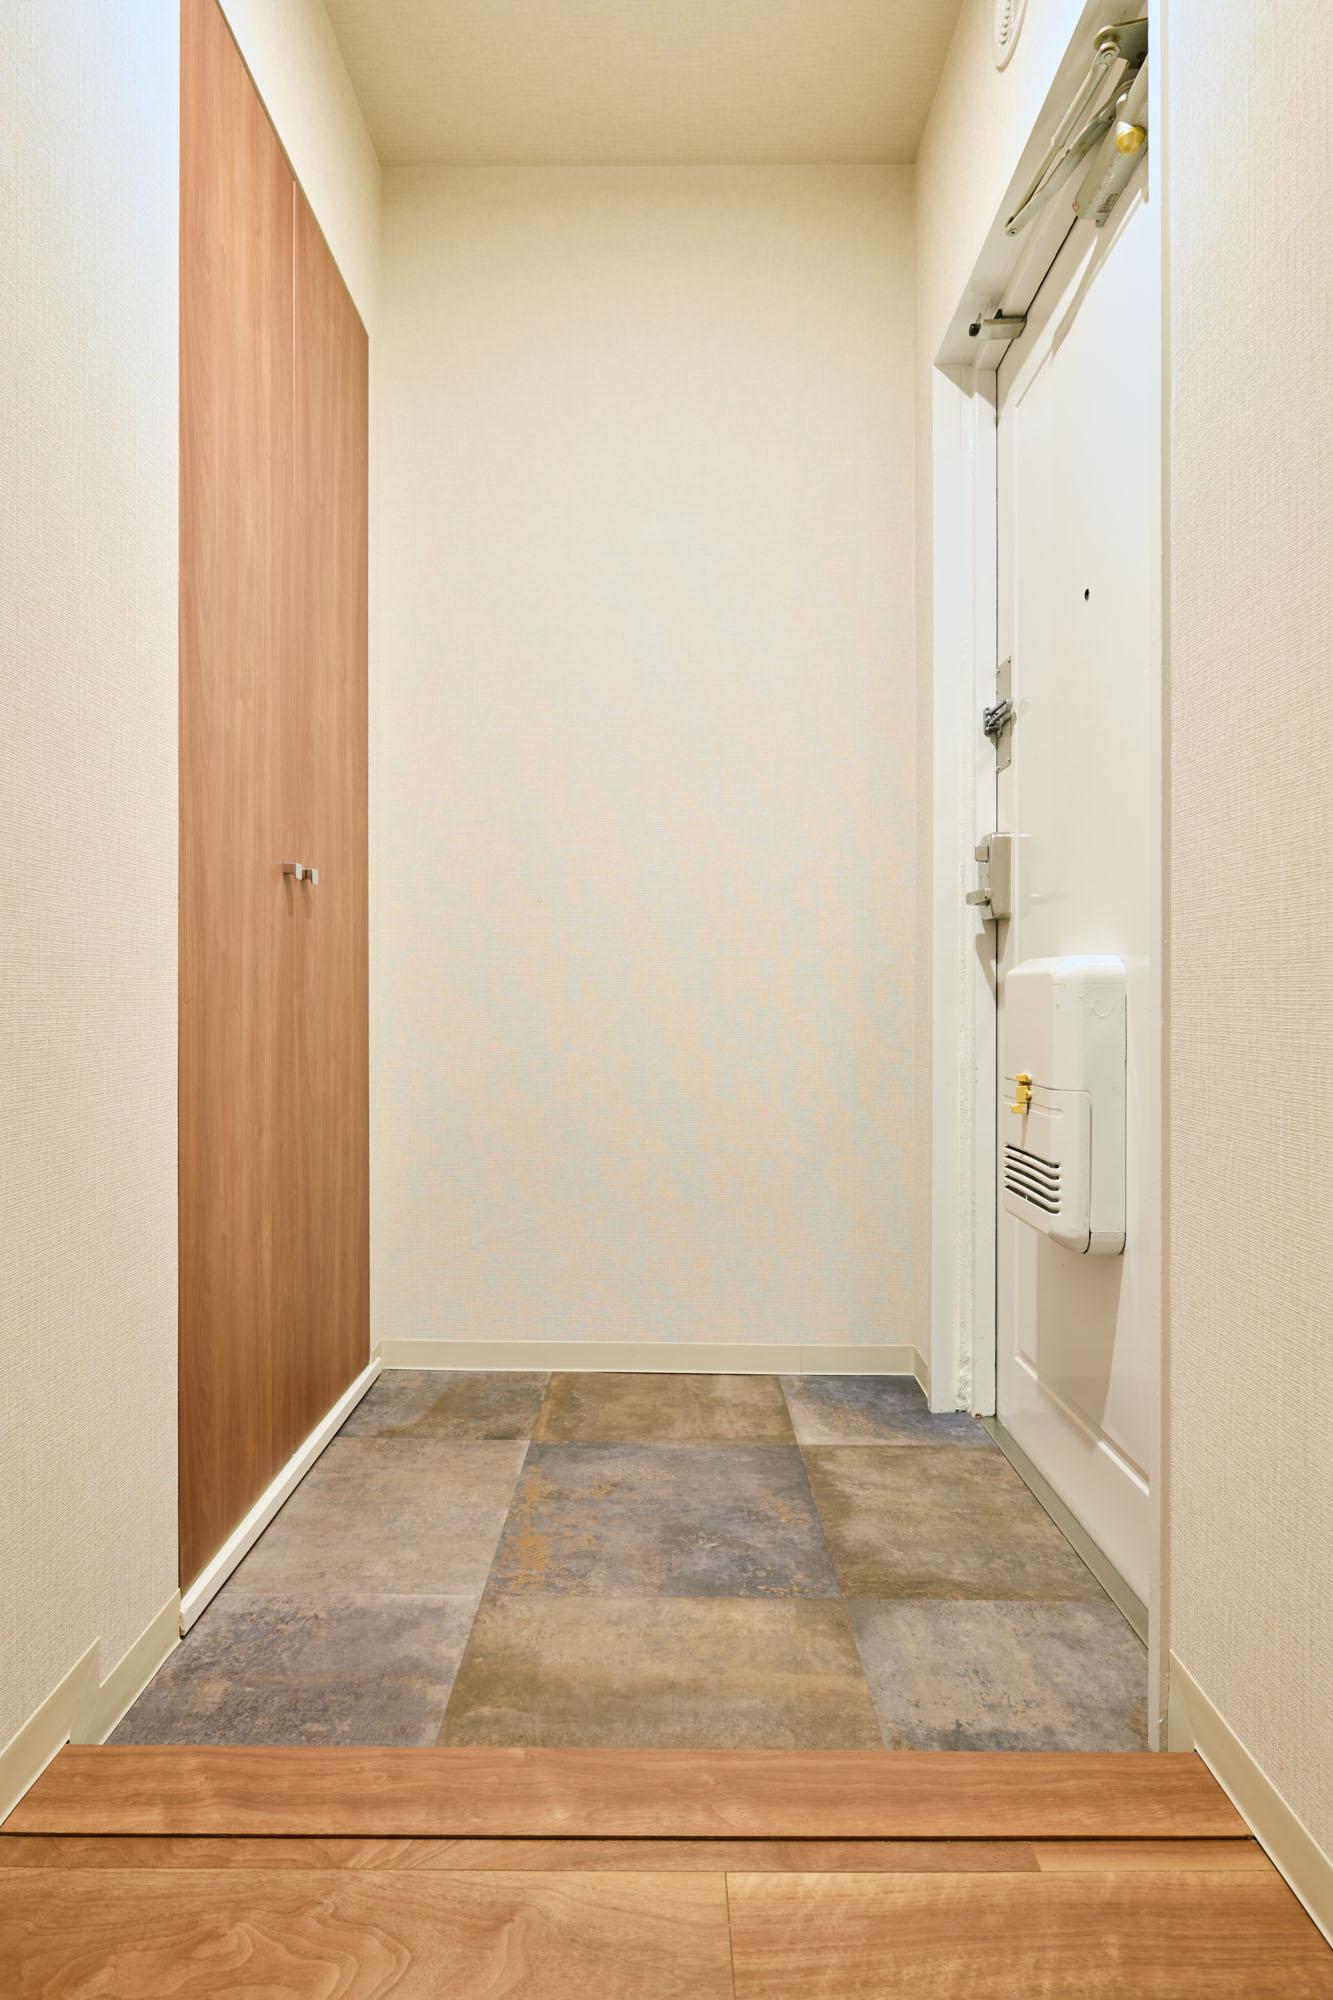 そして私が気に入ったのは玄関スペース。シューズクローゼットもしっかりあって、フロアシートのデザインもかっこいいですね。